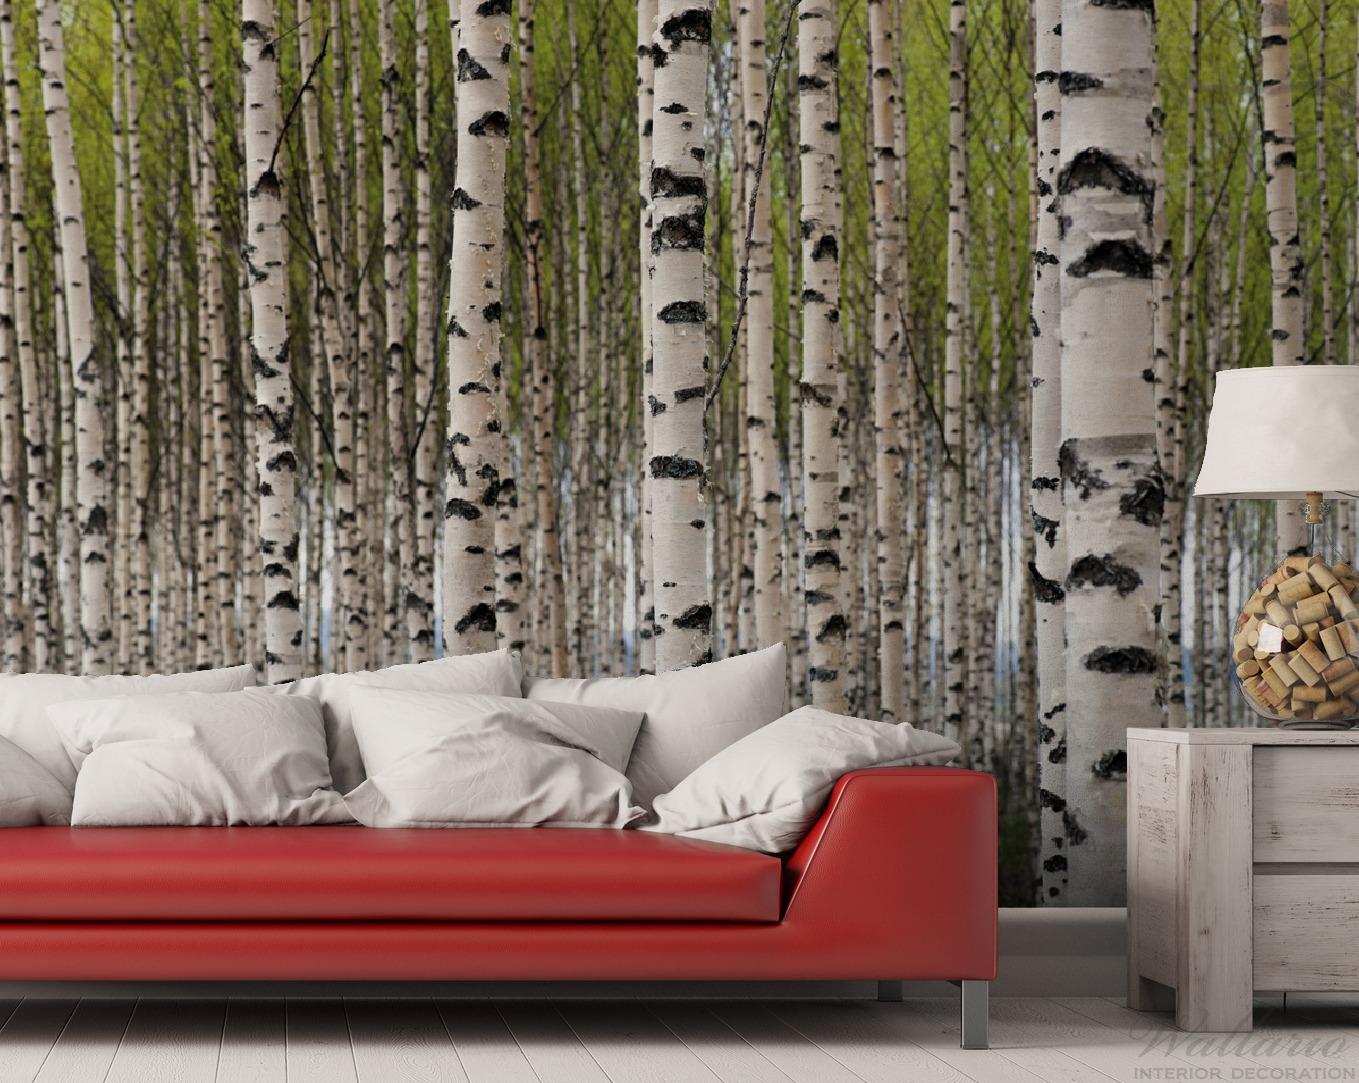 Vliestapete Birkenwald - Baumstämme in schwarz weiß – Bild 2